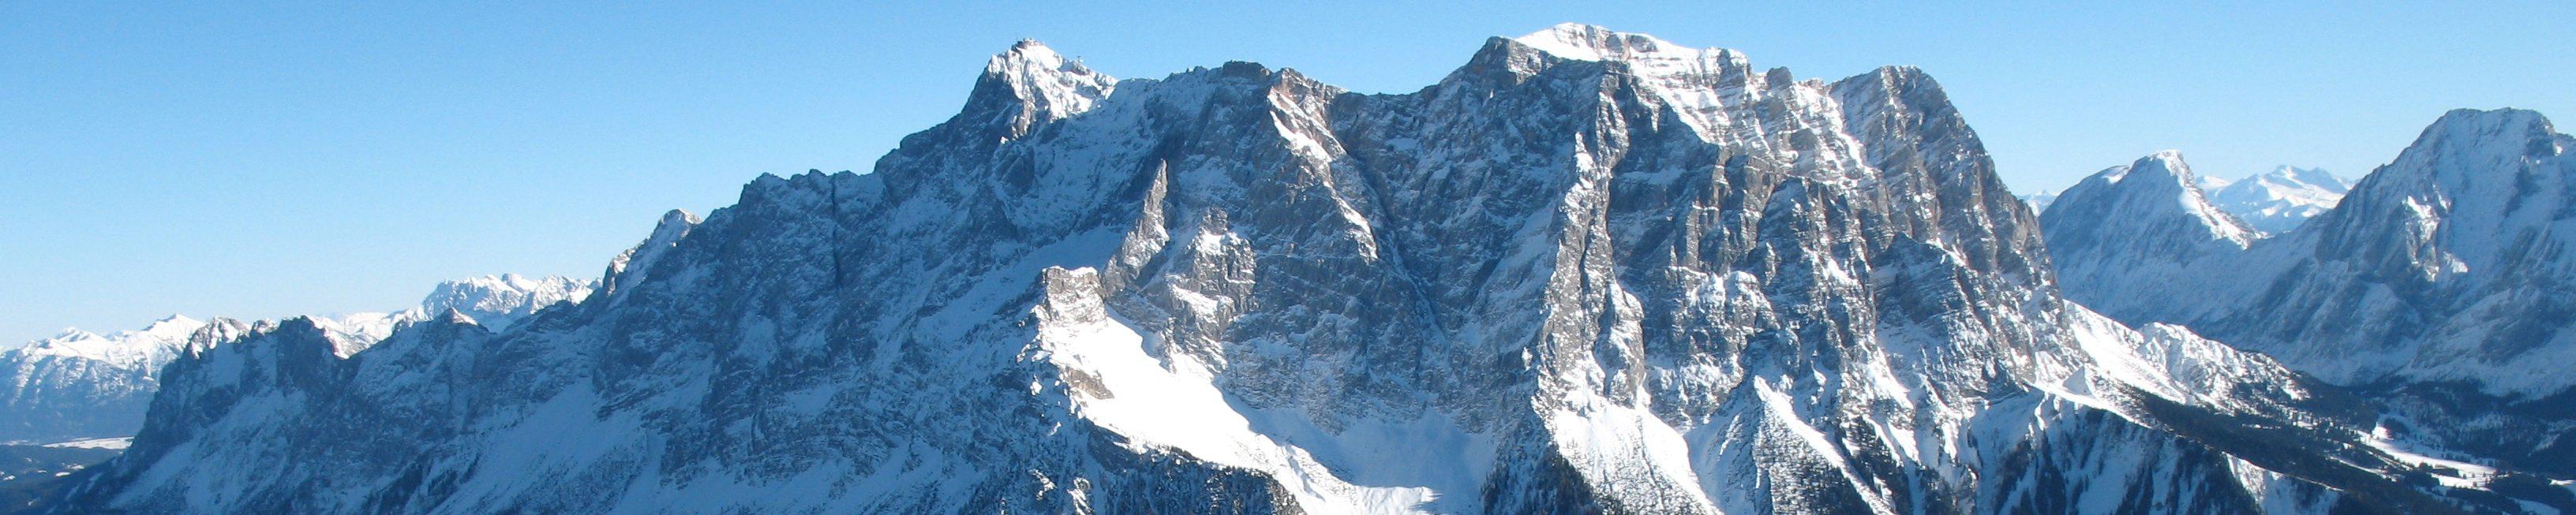 Alpen-Wanderung